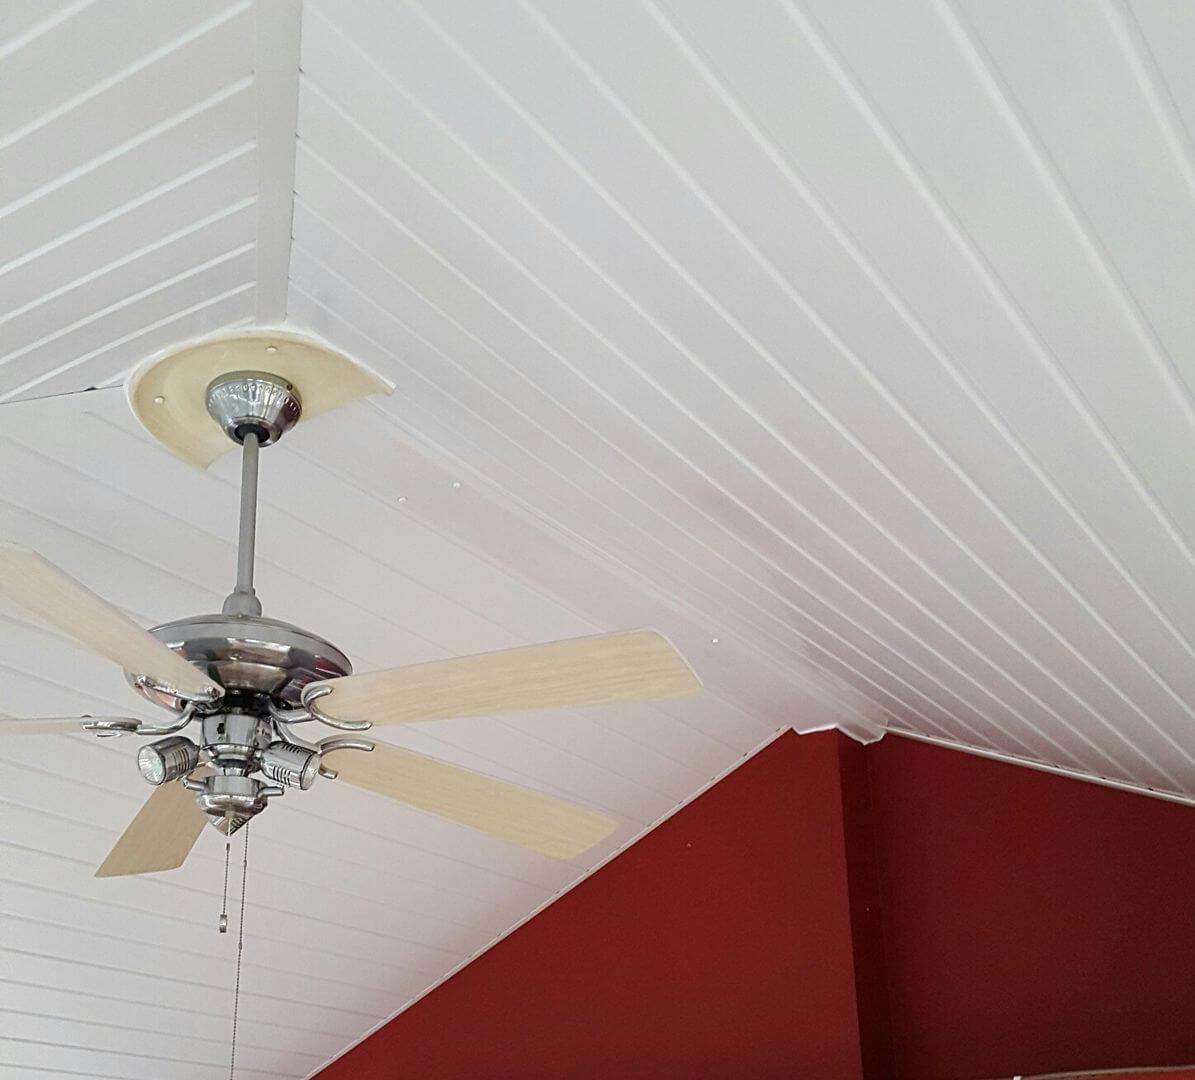 ceiling fan on restored ceiling